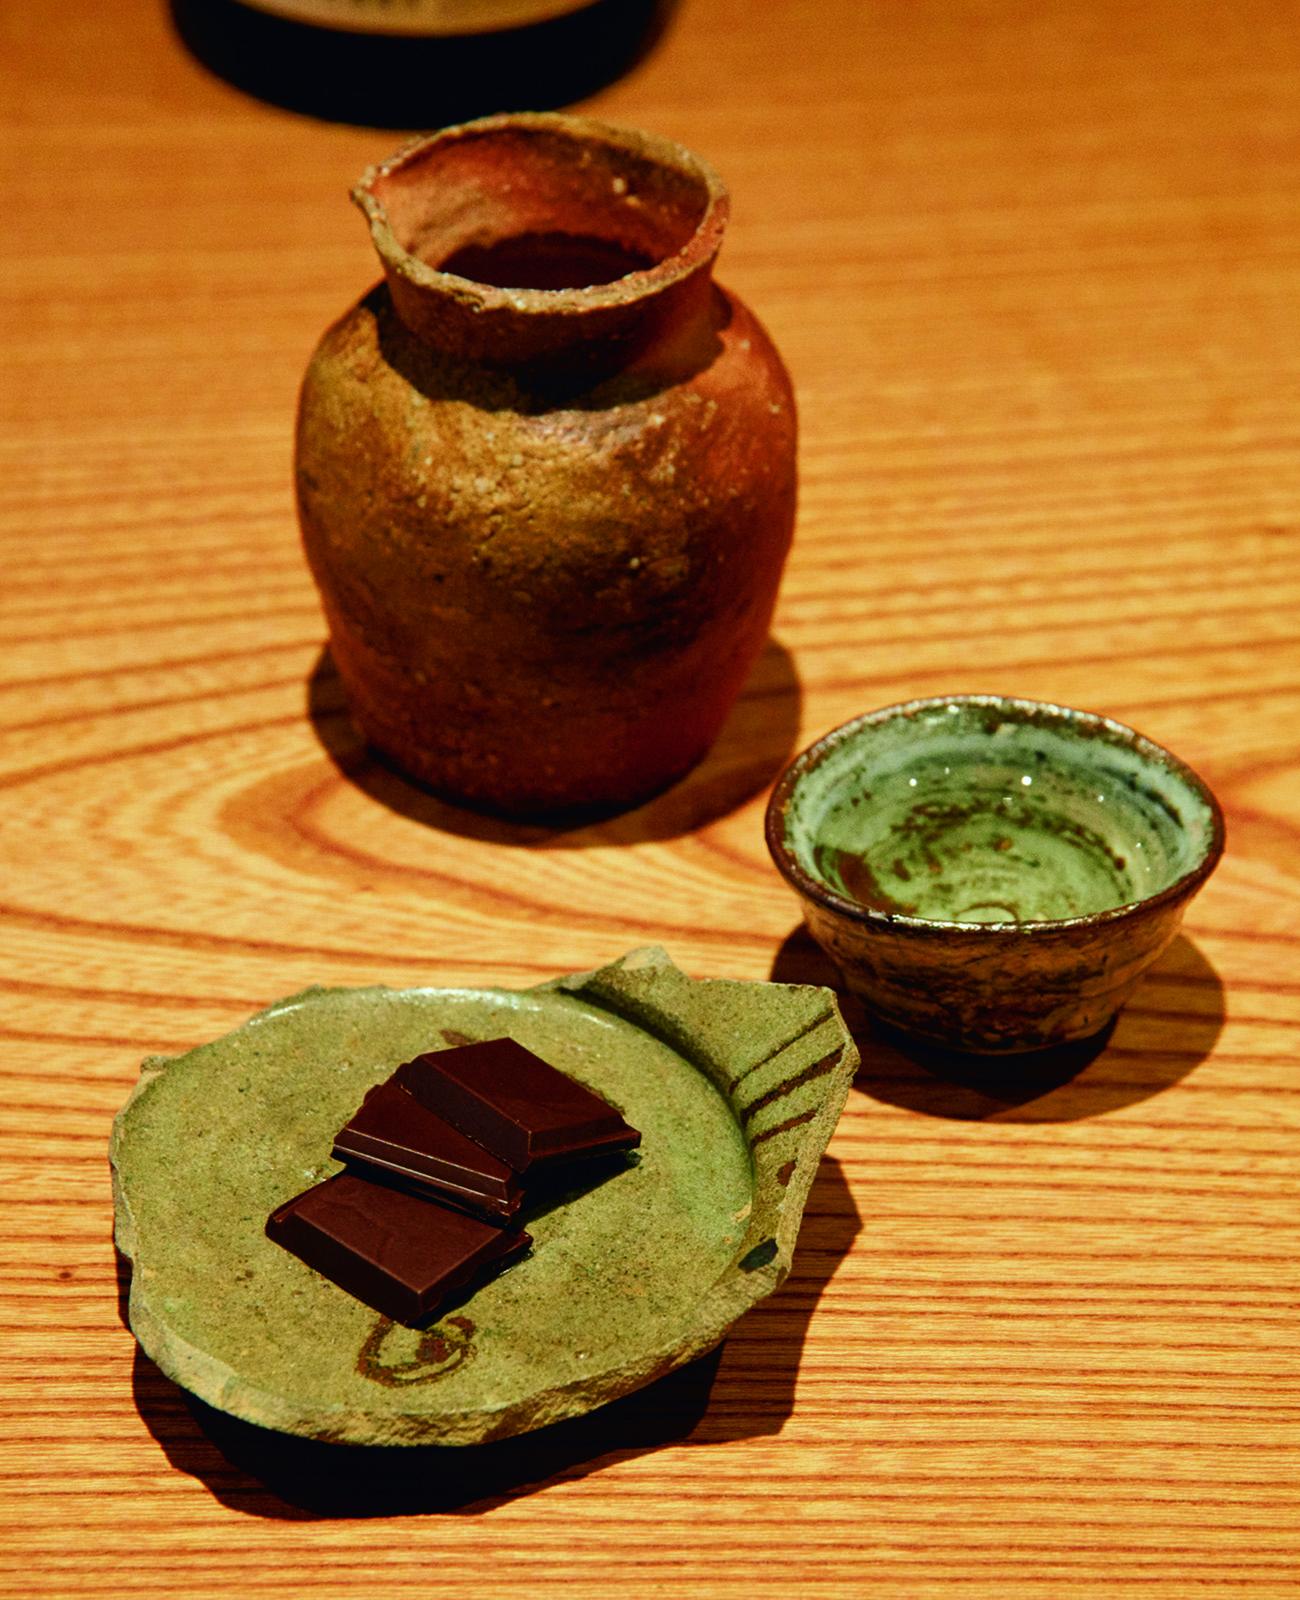 食事の締めくくりに、蔵前〈蕪木〉のチョコレート¥440と燗酒を。